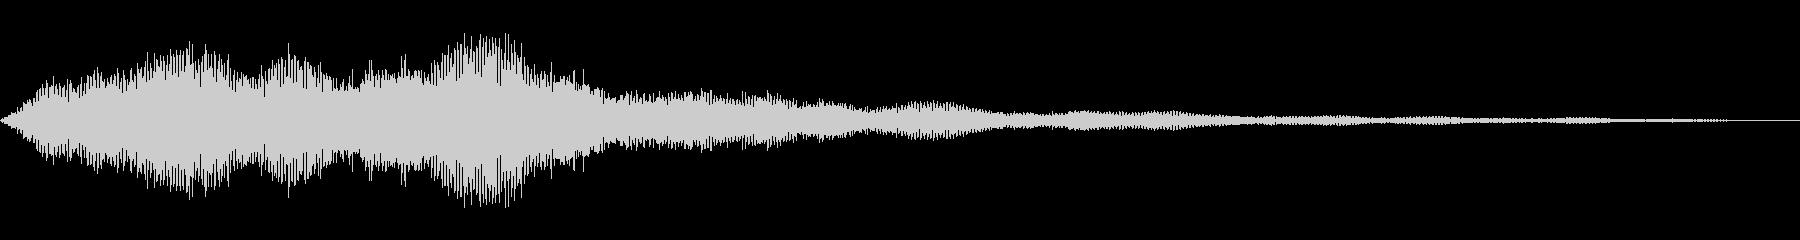 ホラーシーンの演出音_何かが出てくる音の未再生の波形